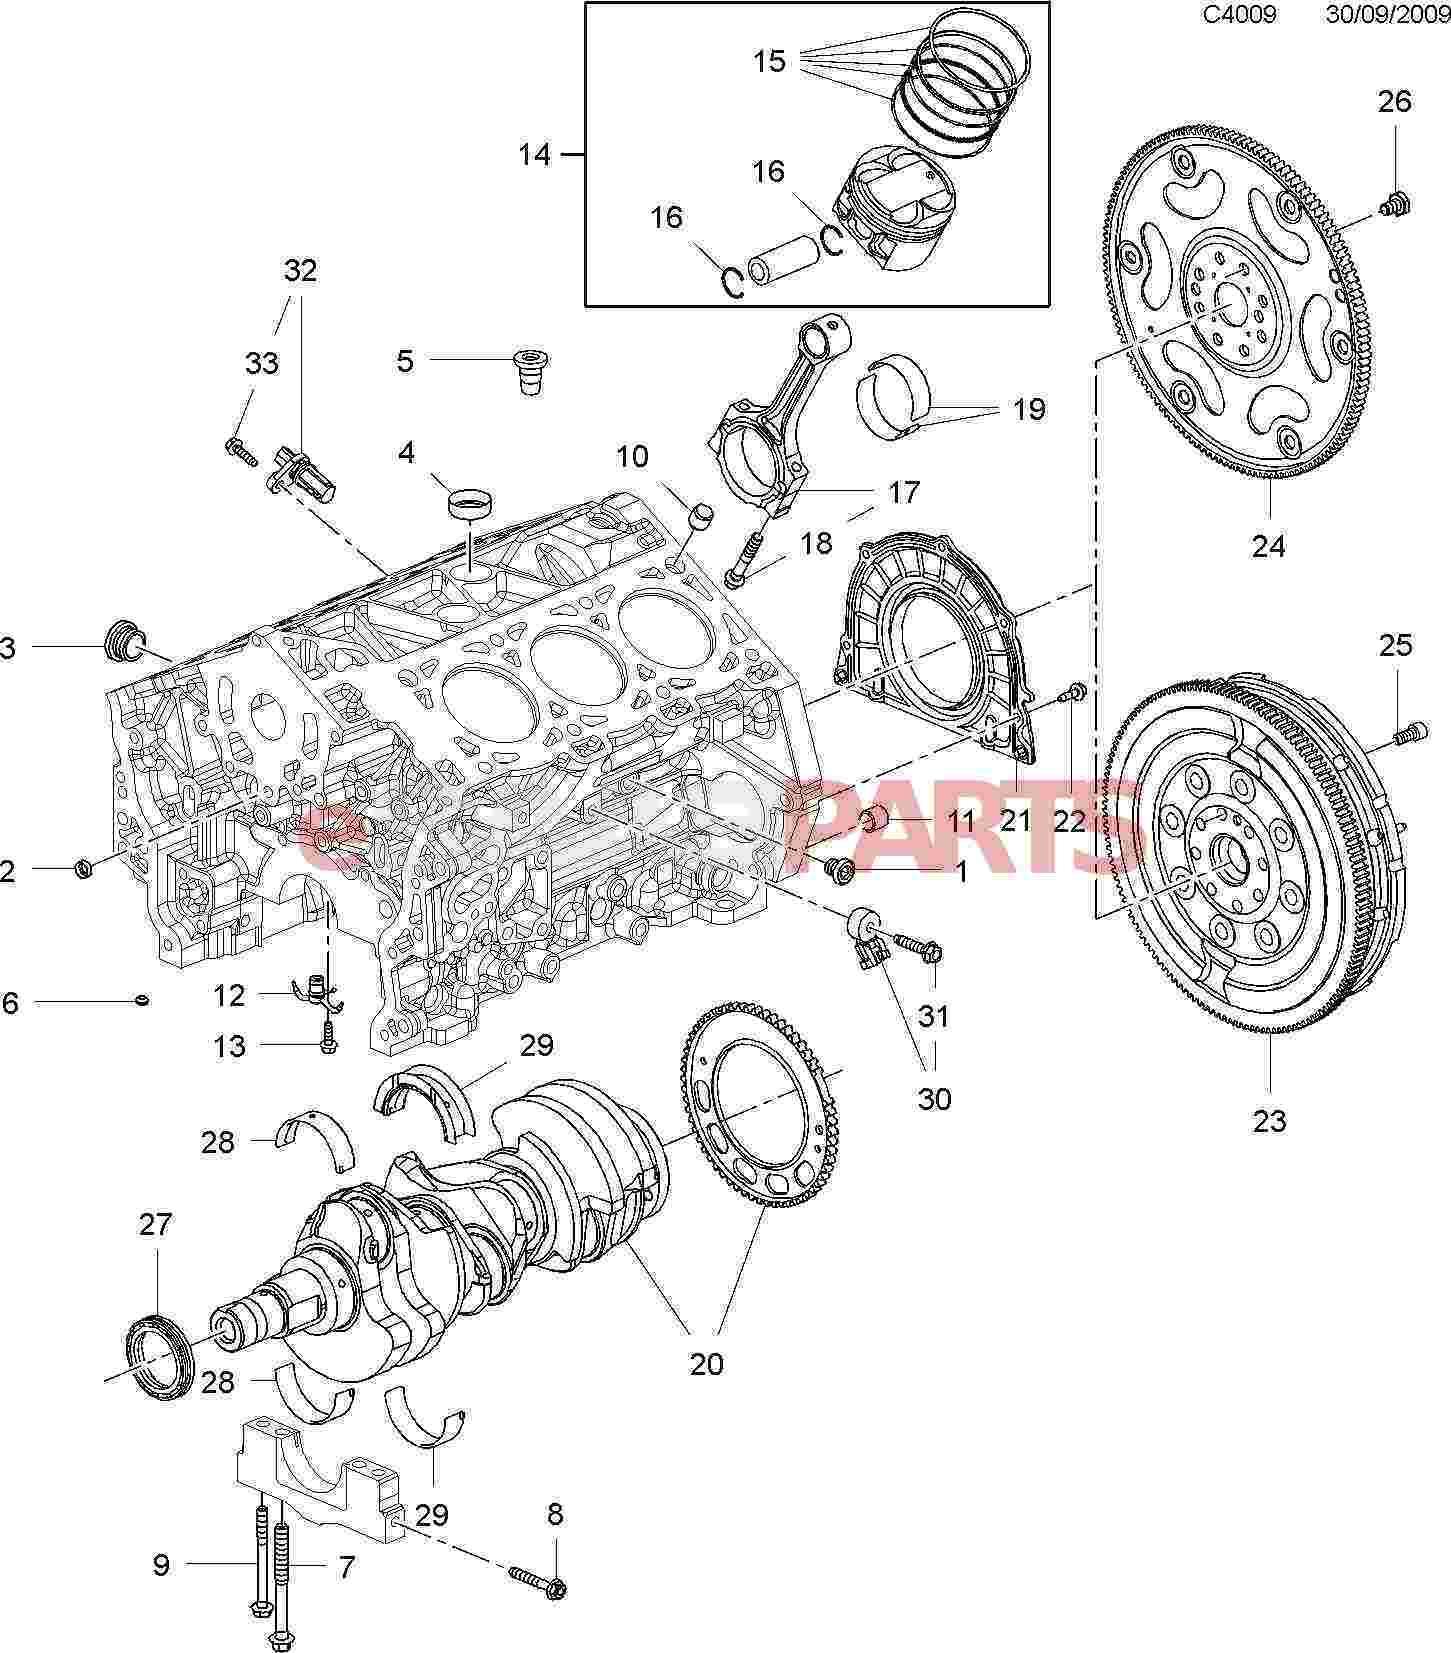 92068446 saab piston ring kit genuine saab parts from esaabparts